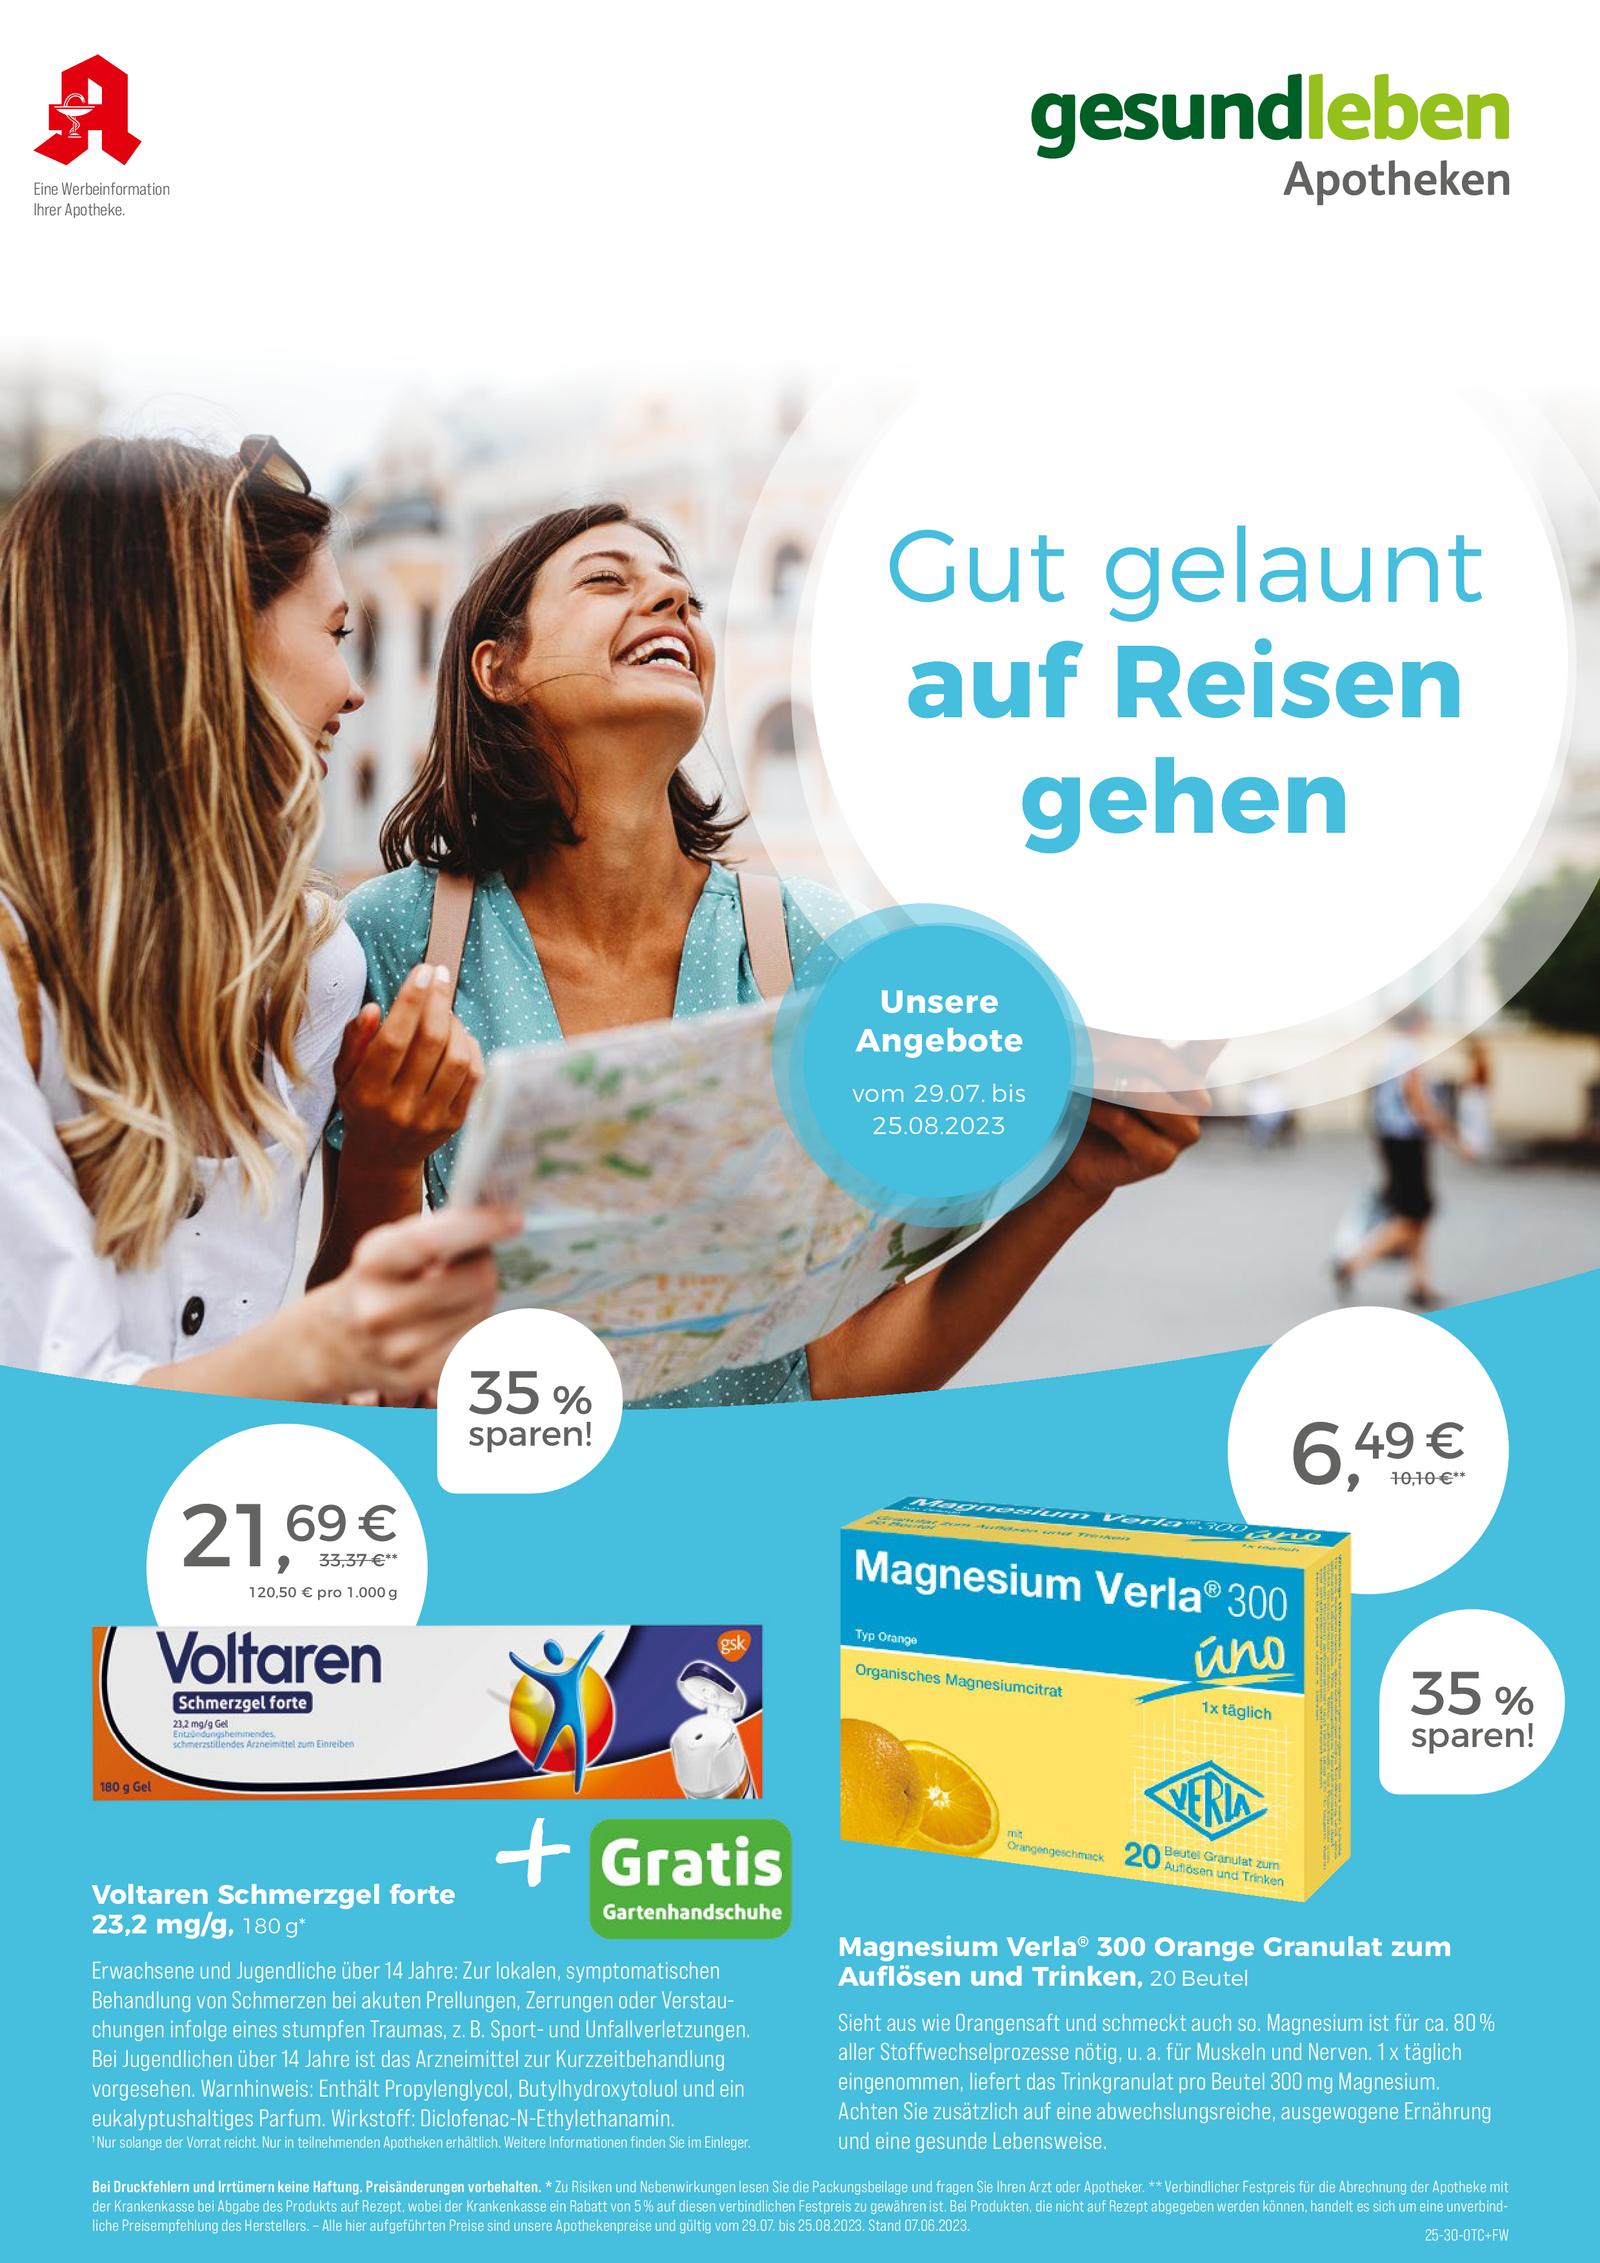 https://mein-uploads.apocdn.net/27428/leaflets/gesundleben_hoch-Seite1.png